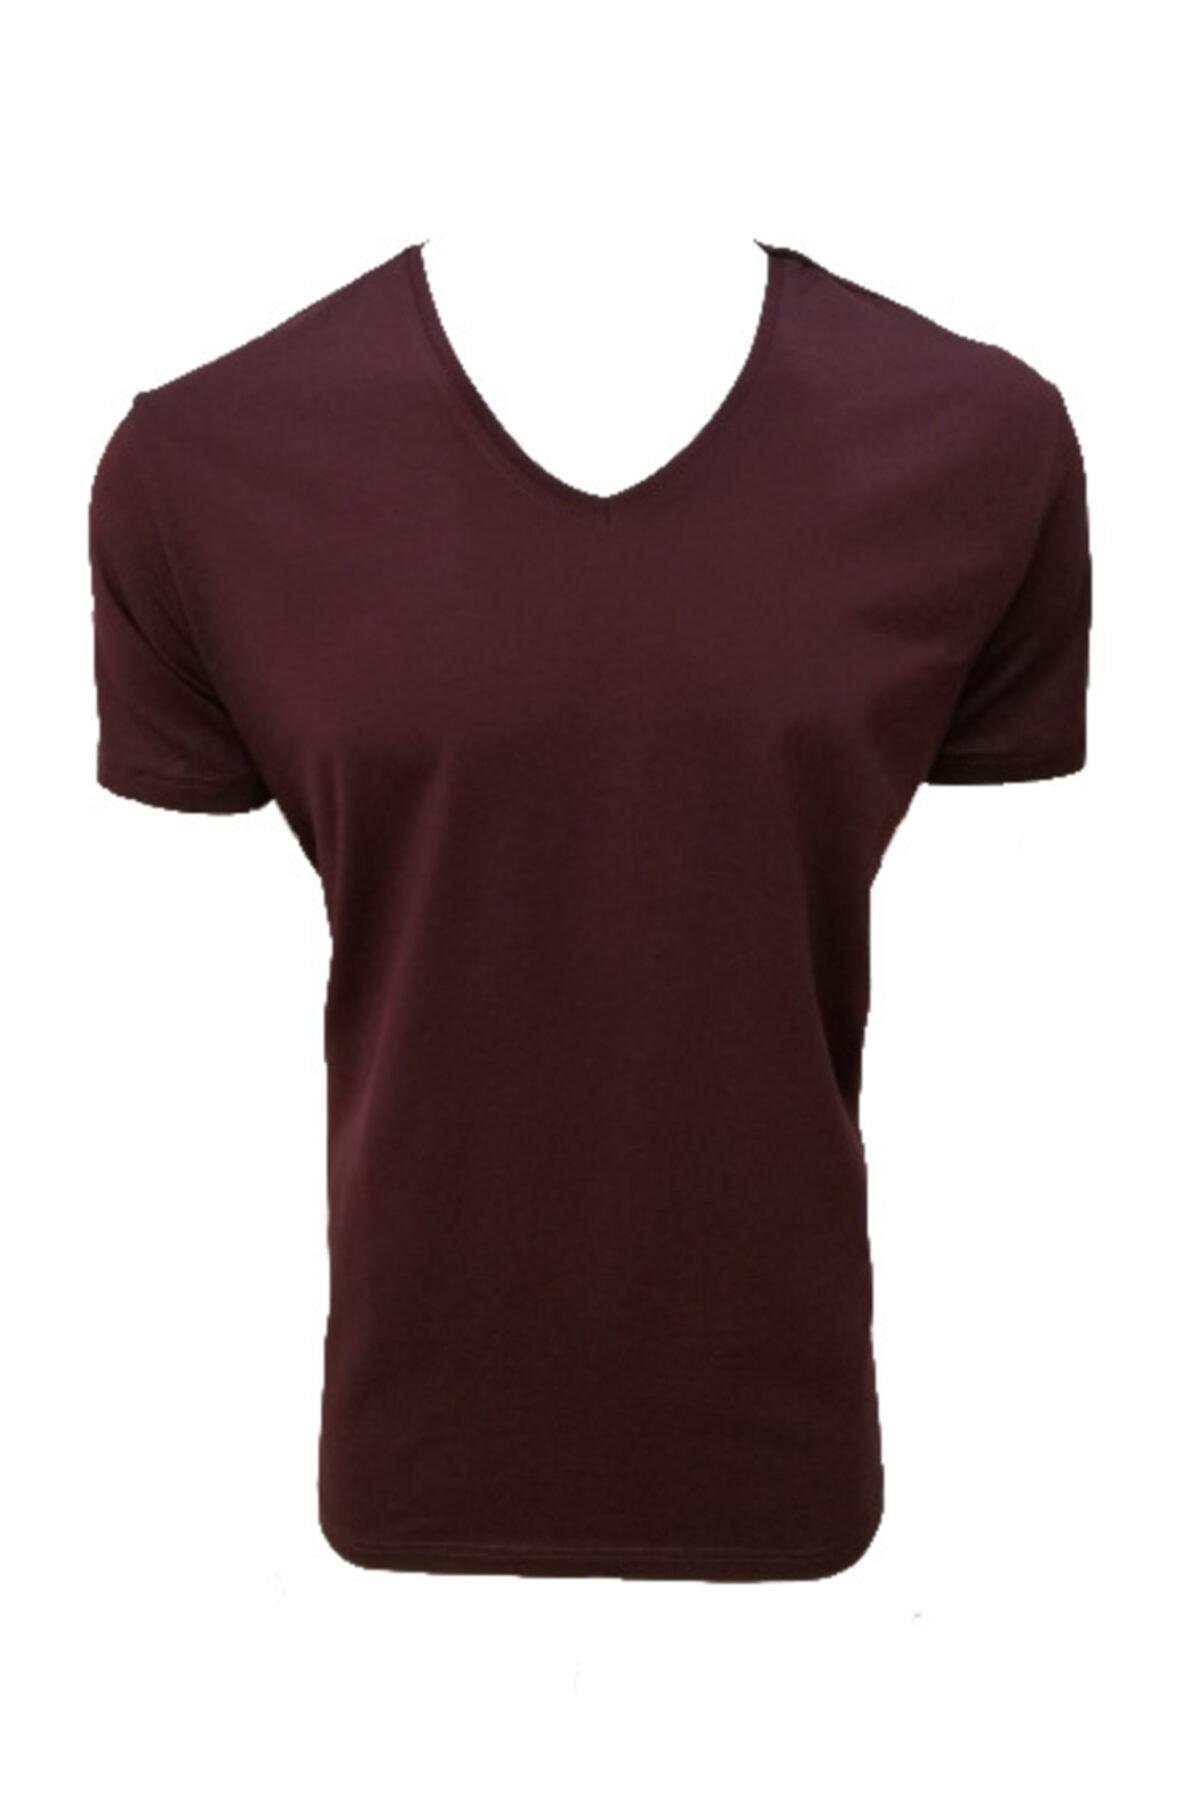 Lion V Yaka Süprem Likralı Basic Erkek T-shirt  Bordo   2801 1